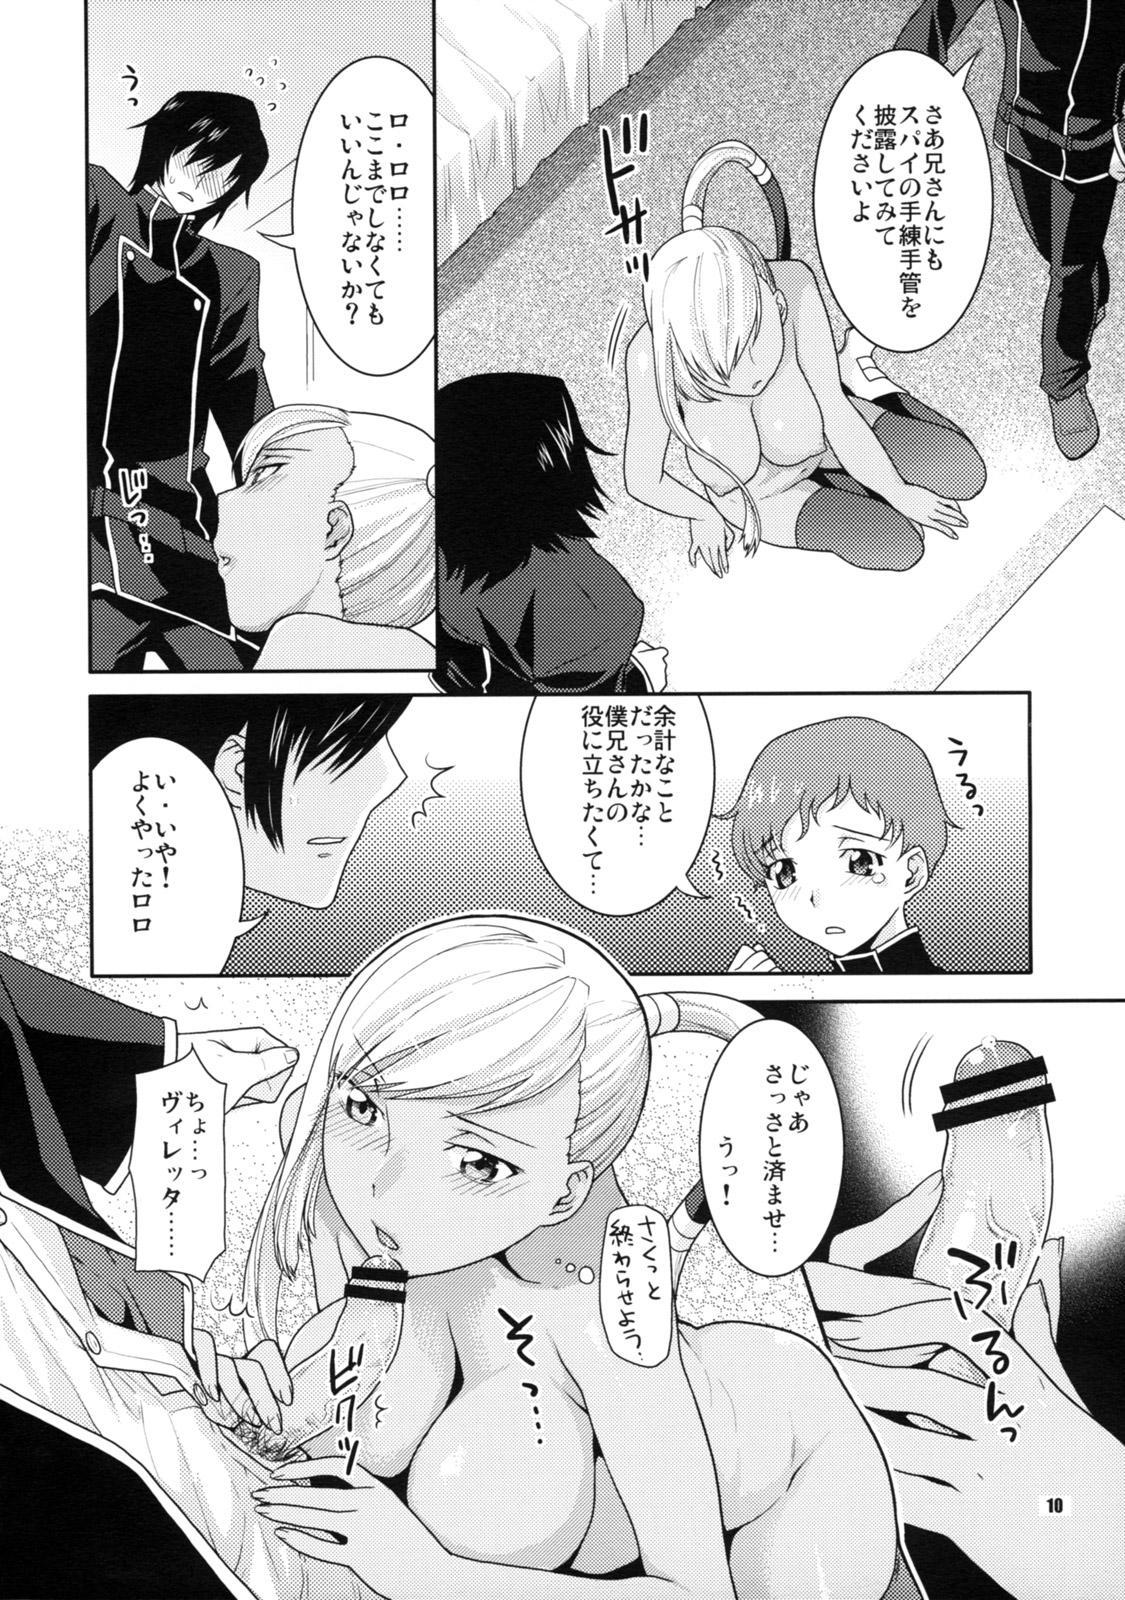 Kamen no Shita no Mitsu jou 9